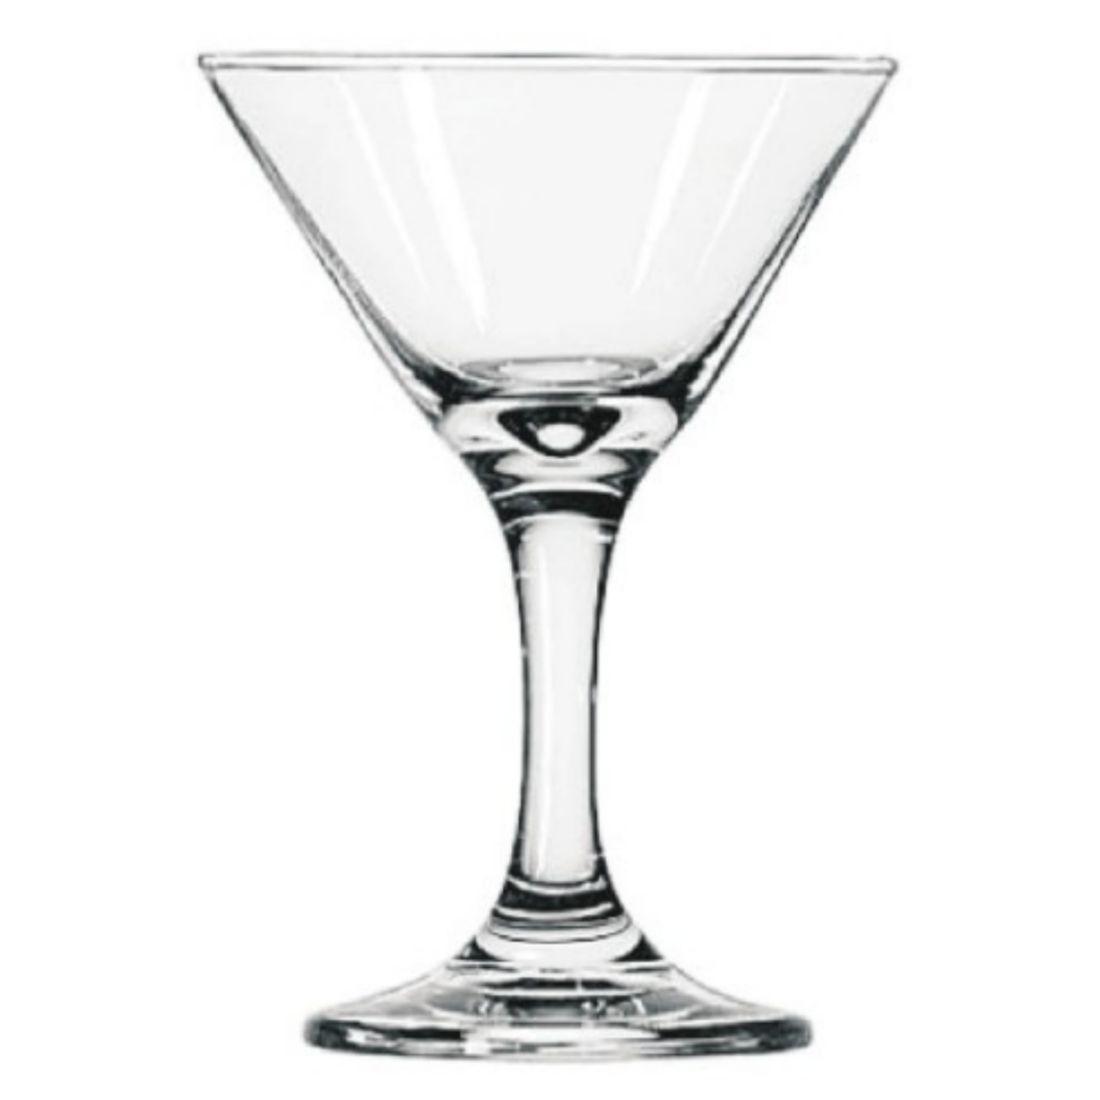 Embassy sklenička na martini 14 cl